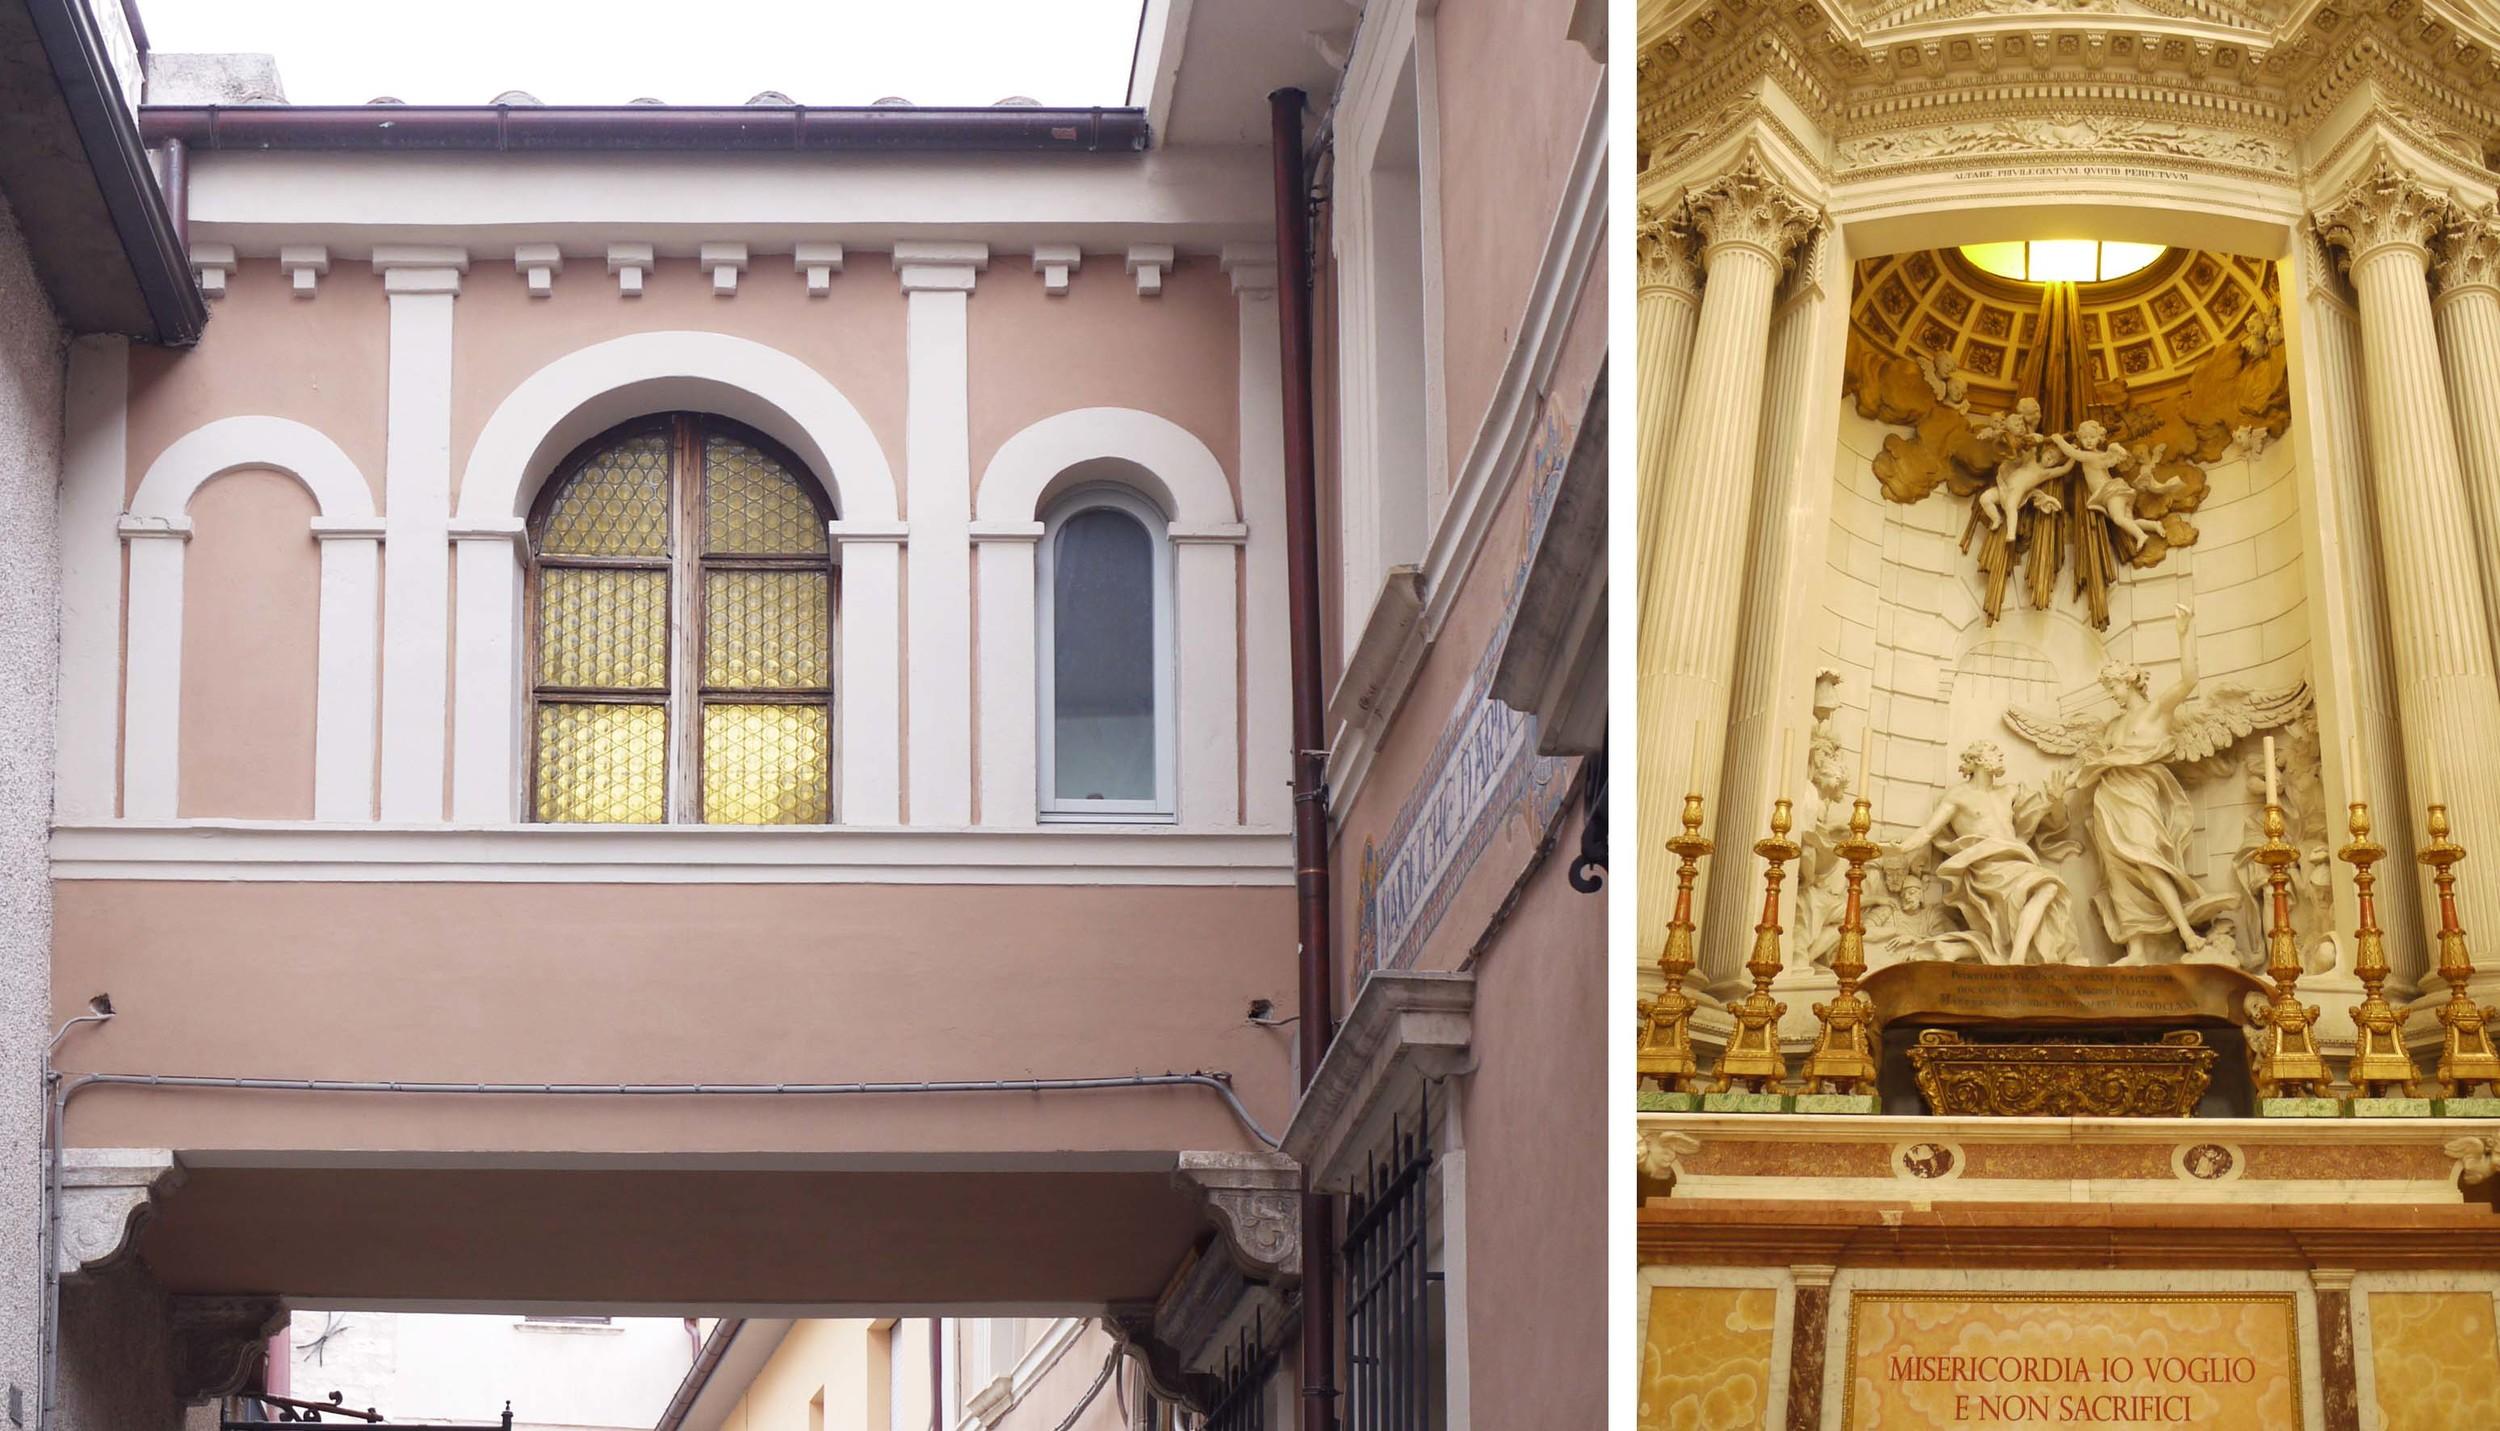 Gualdo Tanino                                                  Basilica of Santa Maria Degli Angeli